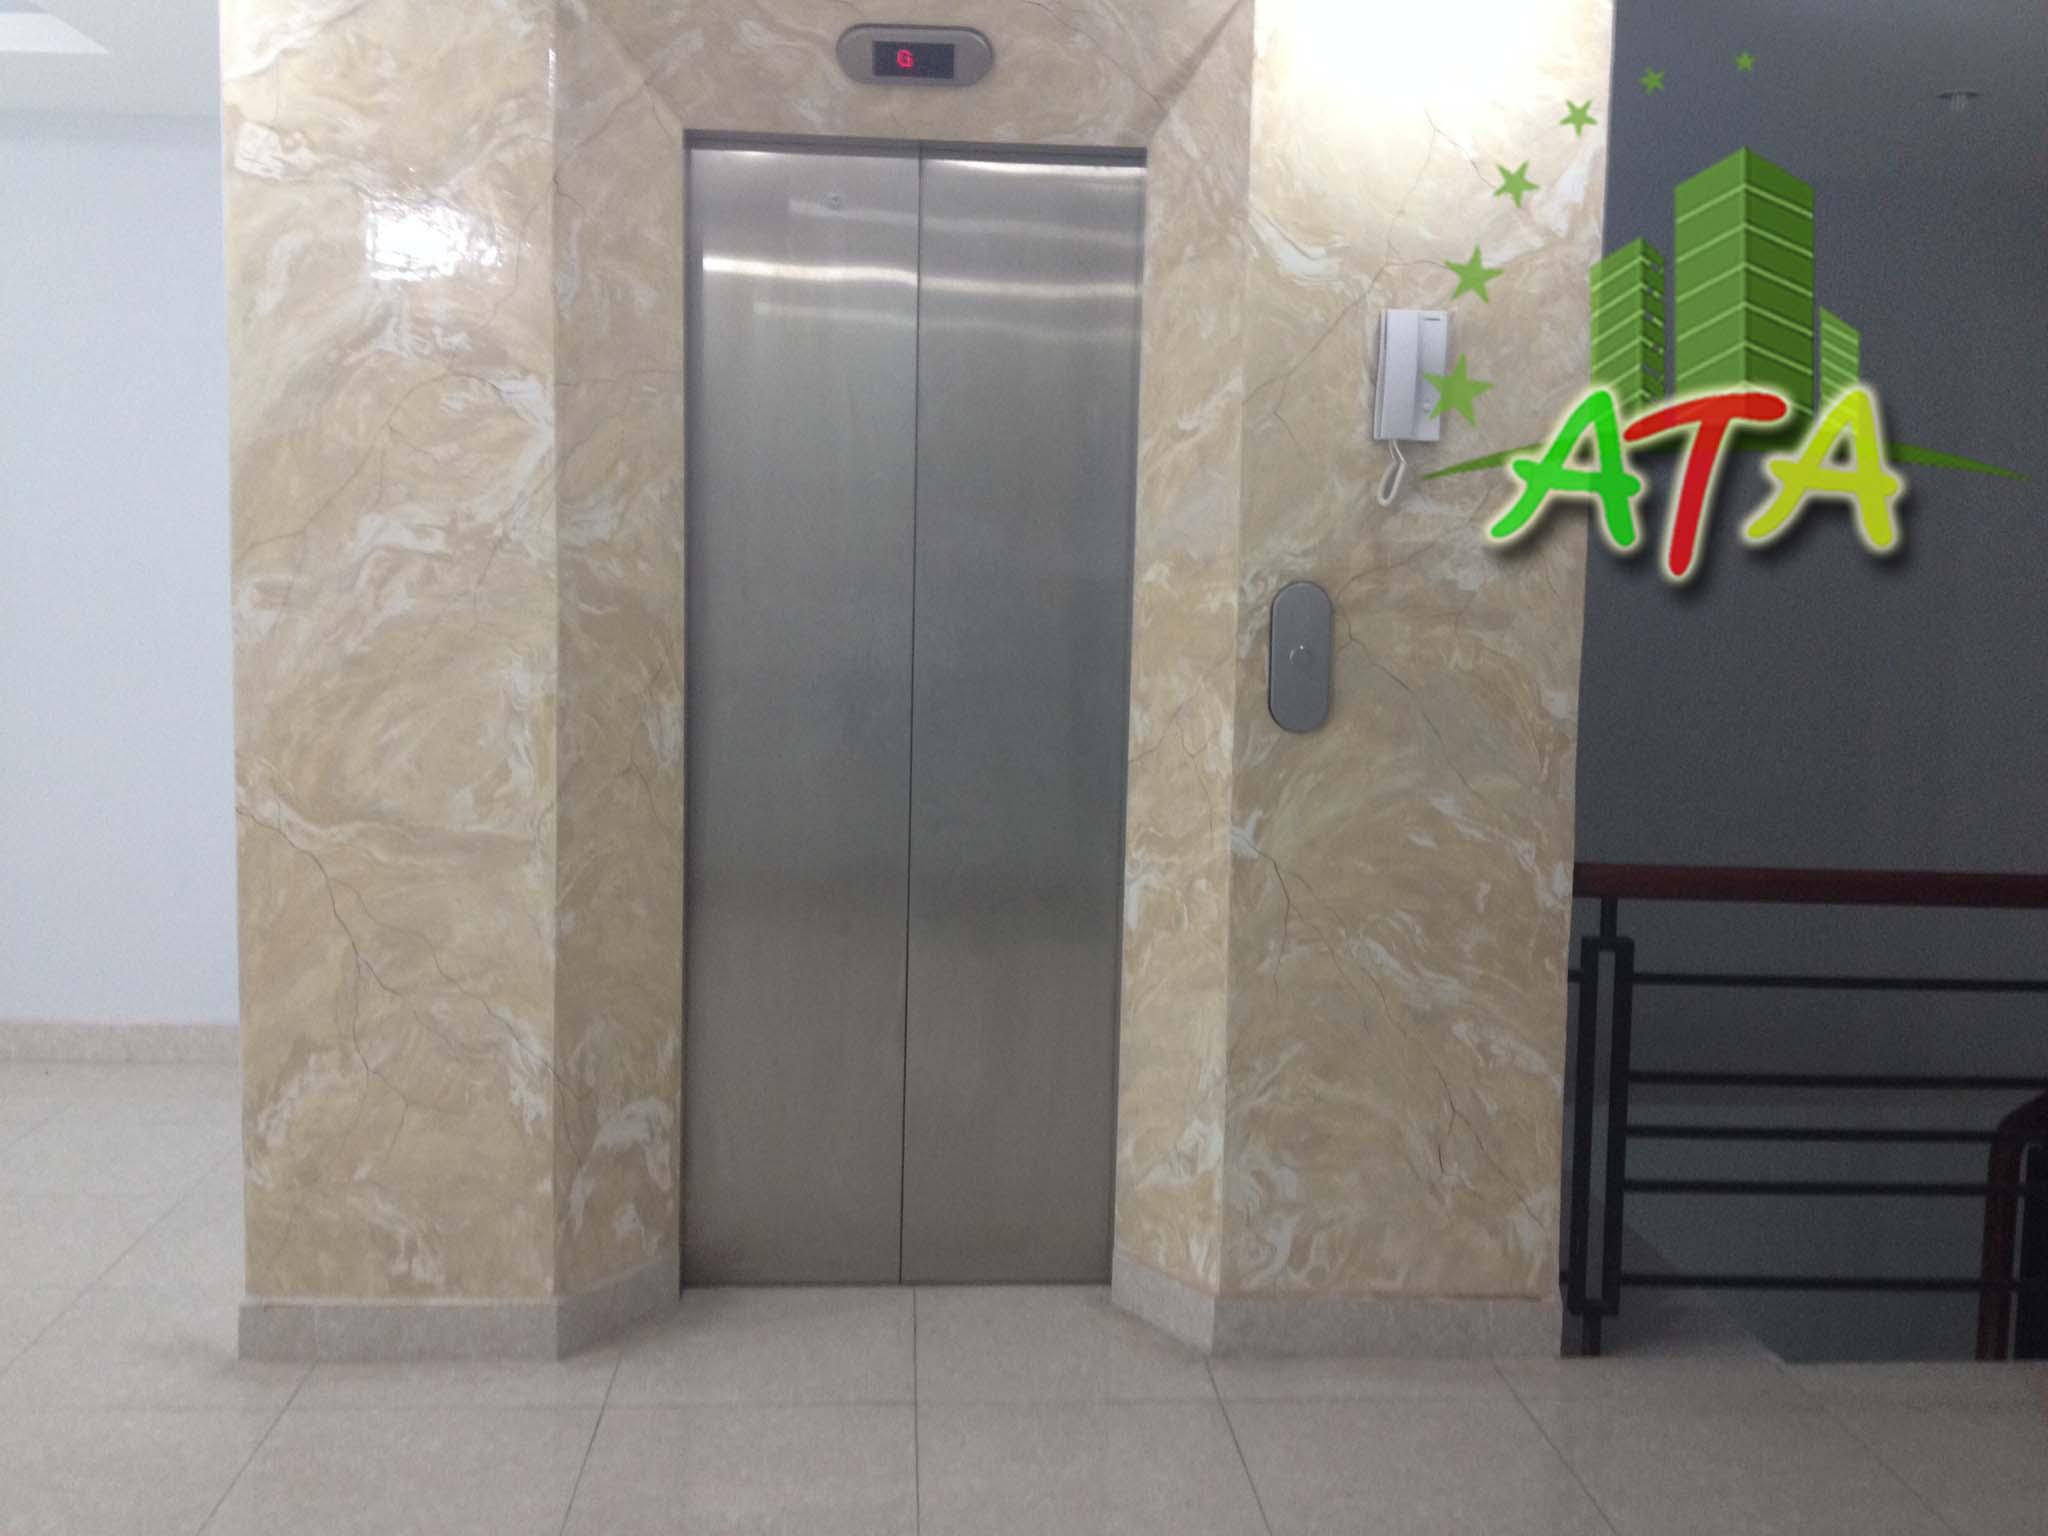 văn phòng cho thuê quận 4, NK Building nguyễn khoái, quận 4, office for lease in hcmc, district 4